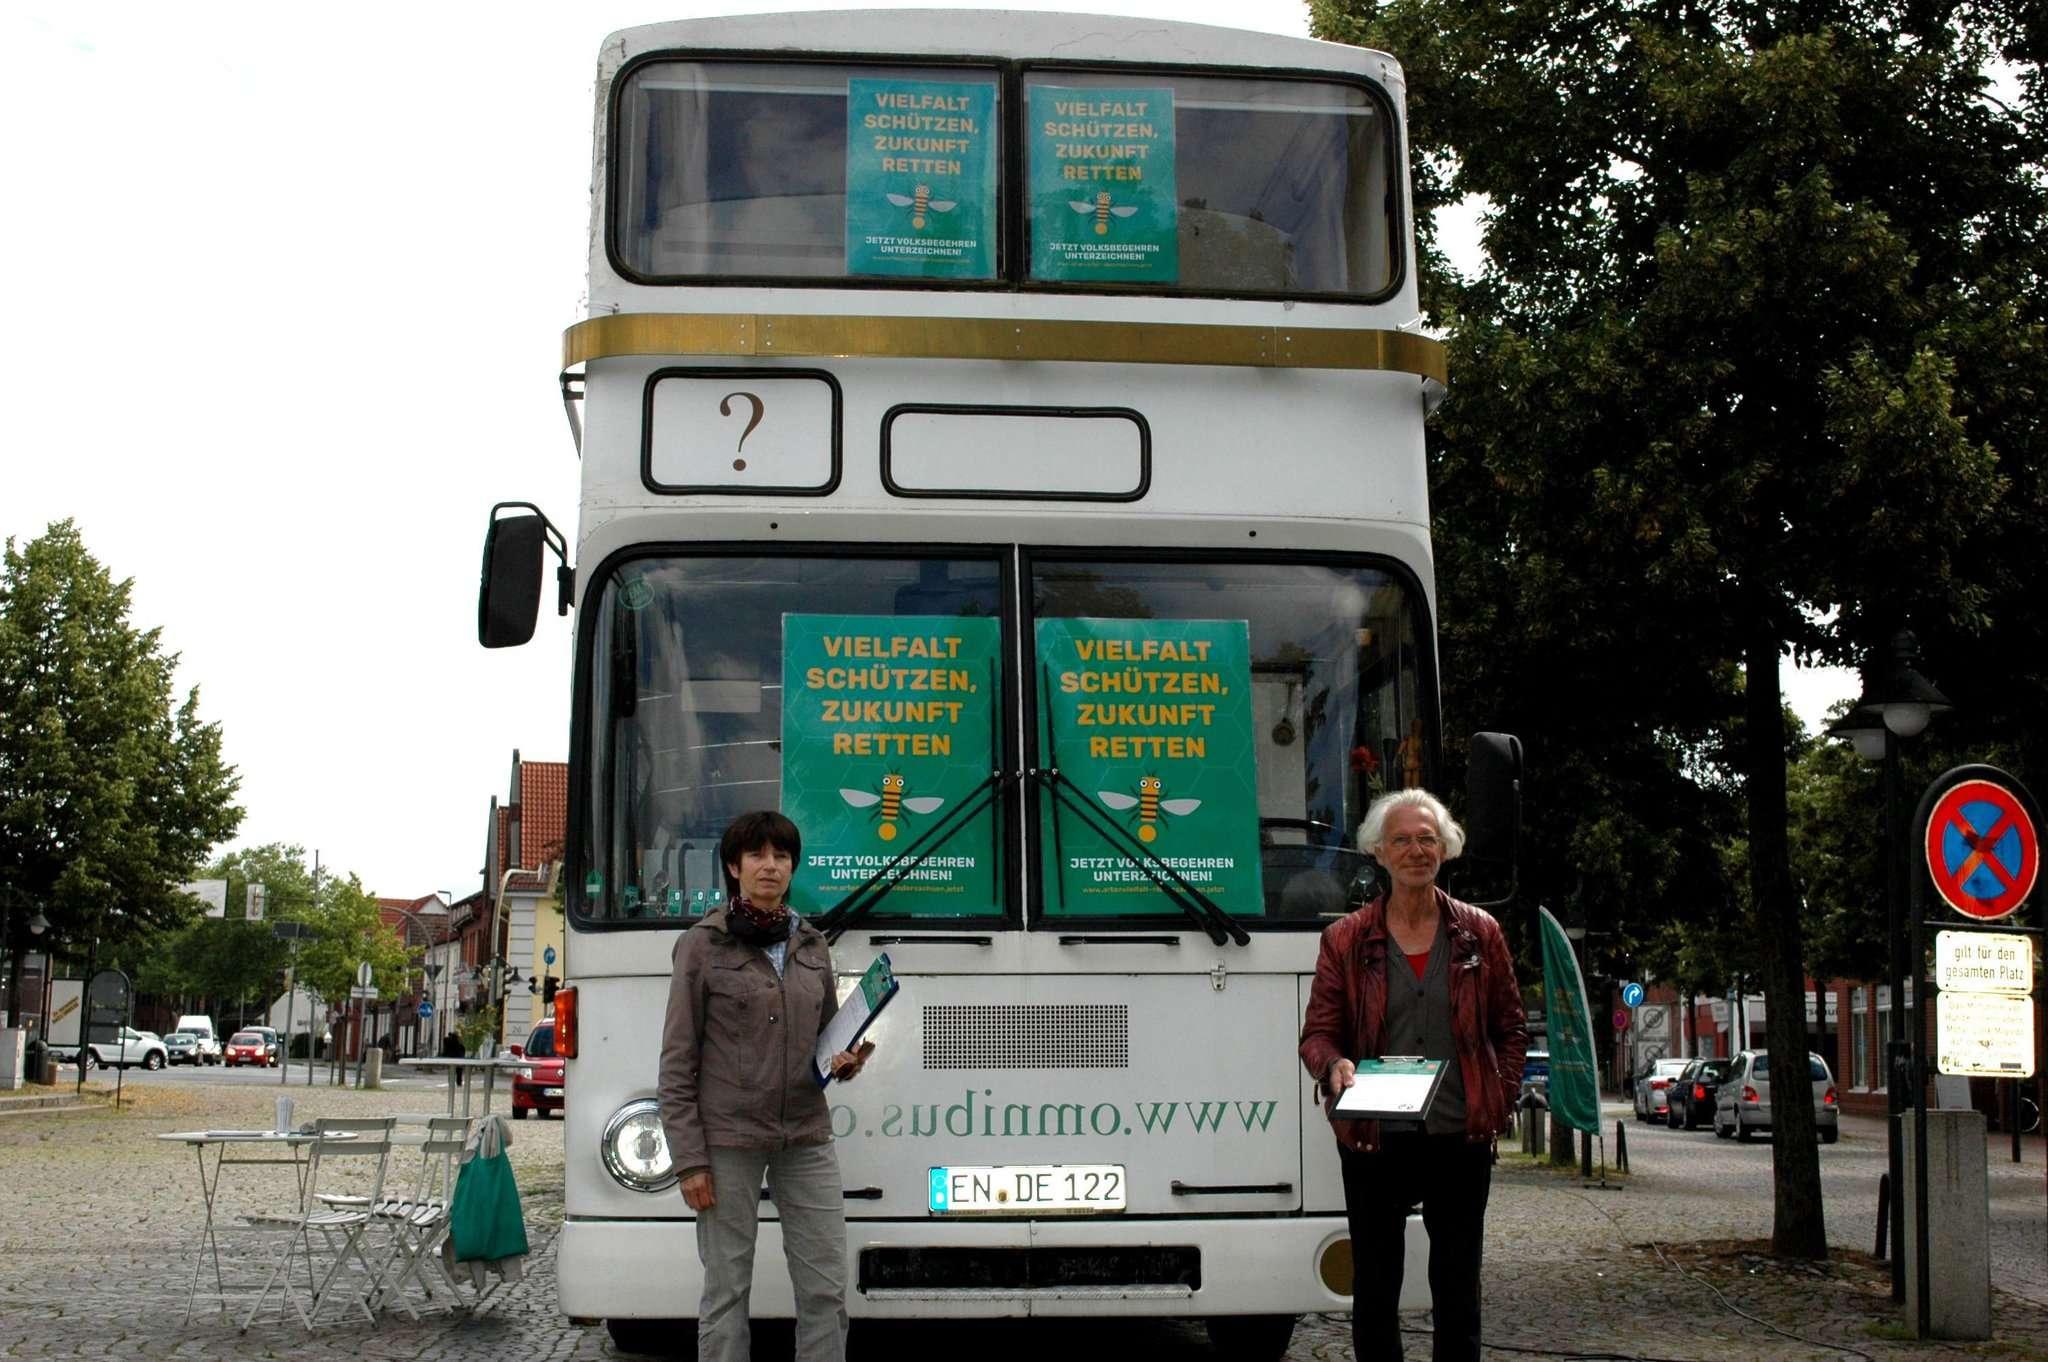 Sabine Holsten von den Grünen und Werner Küppers vom Verein Omnibus setzen sich für mehr Beteiligung der Bürger in der Politik ein. Foto: Jens Loes